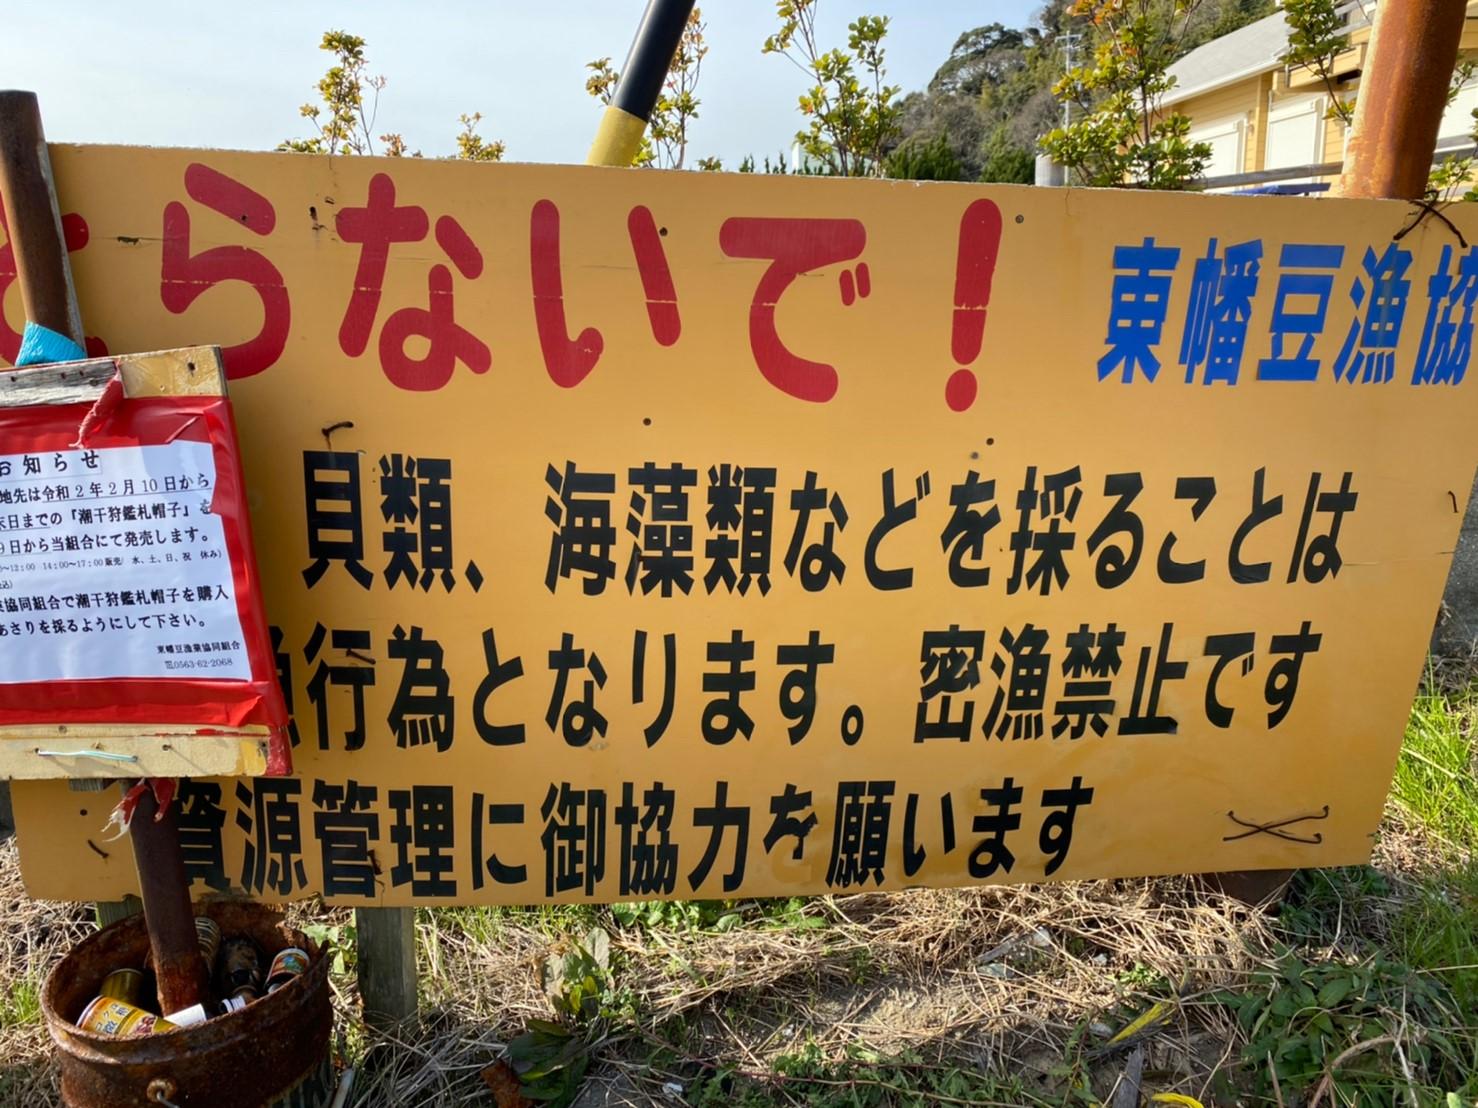 『東幡豆港:ひがしはずこう』の釣り場情報ガイド(住所・駐車場・釣れる魚)